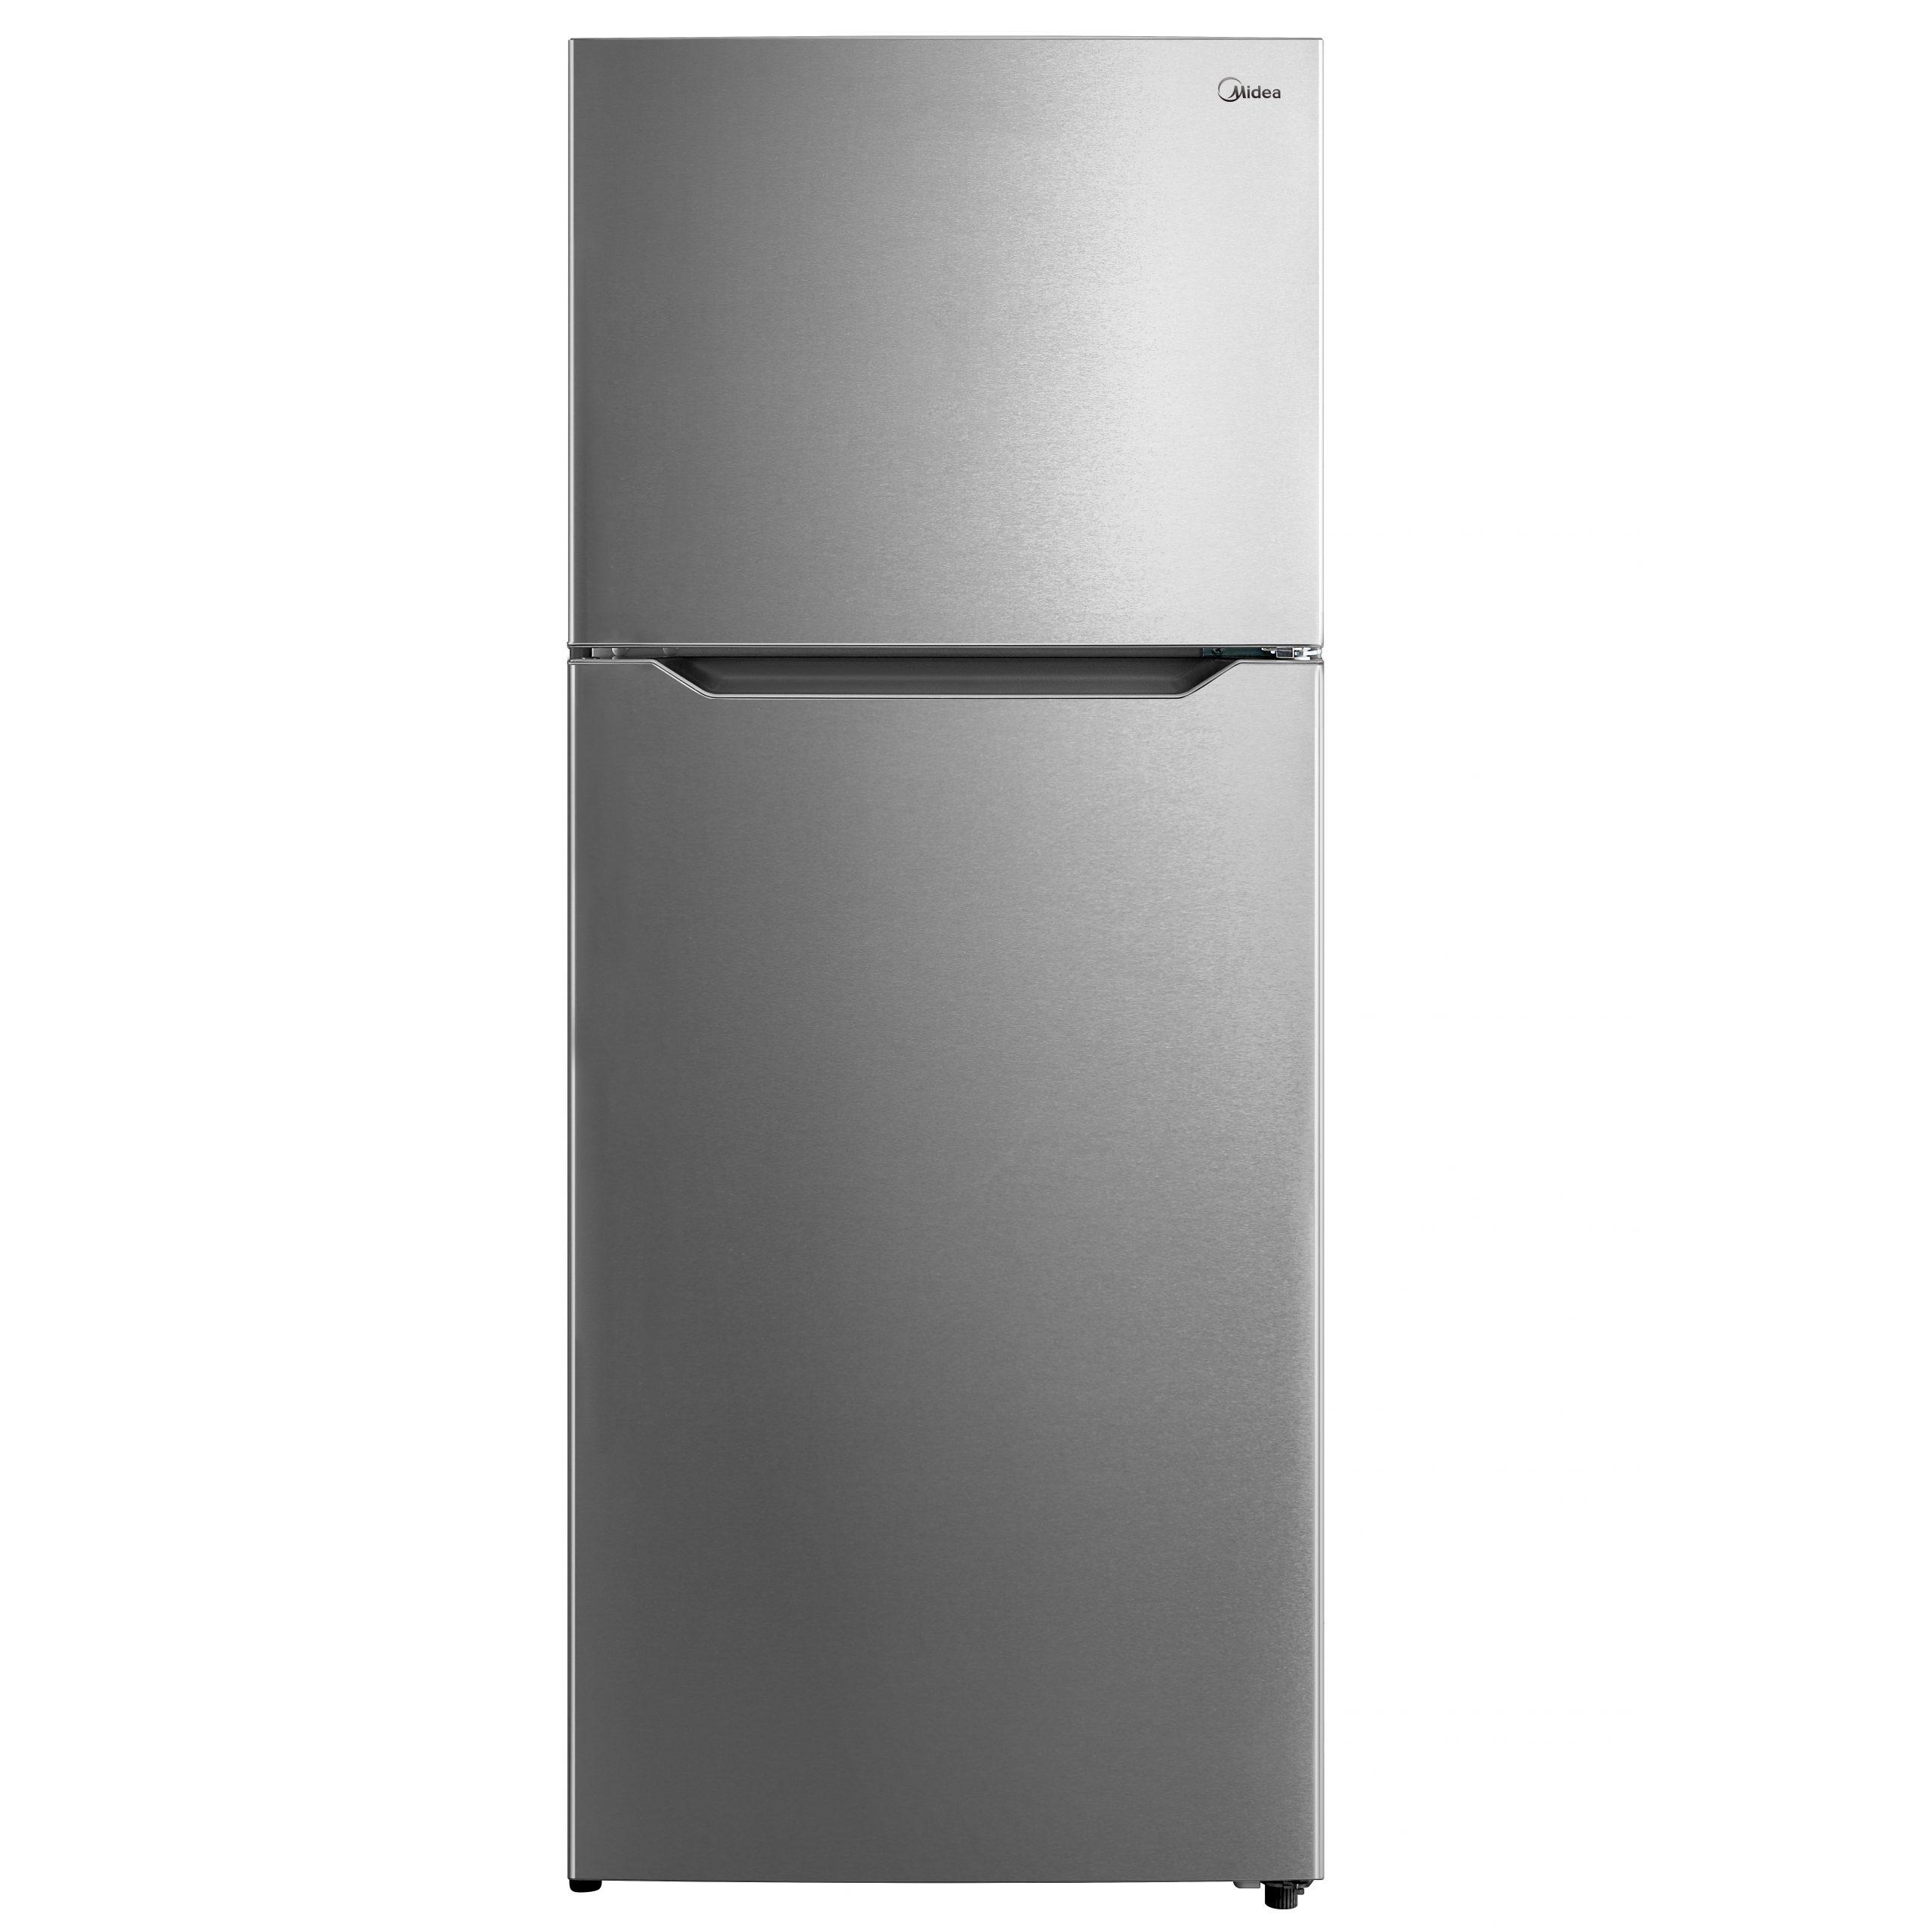 Δίπορτο Ψυγείο Midea MT534A1